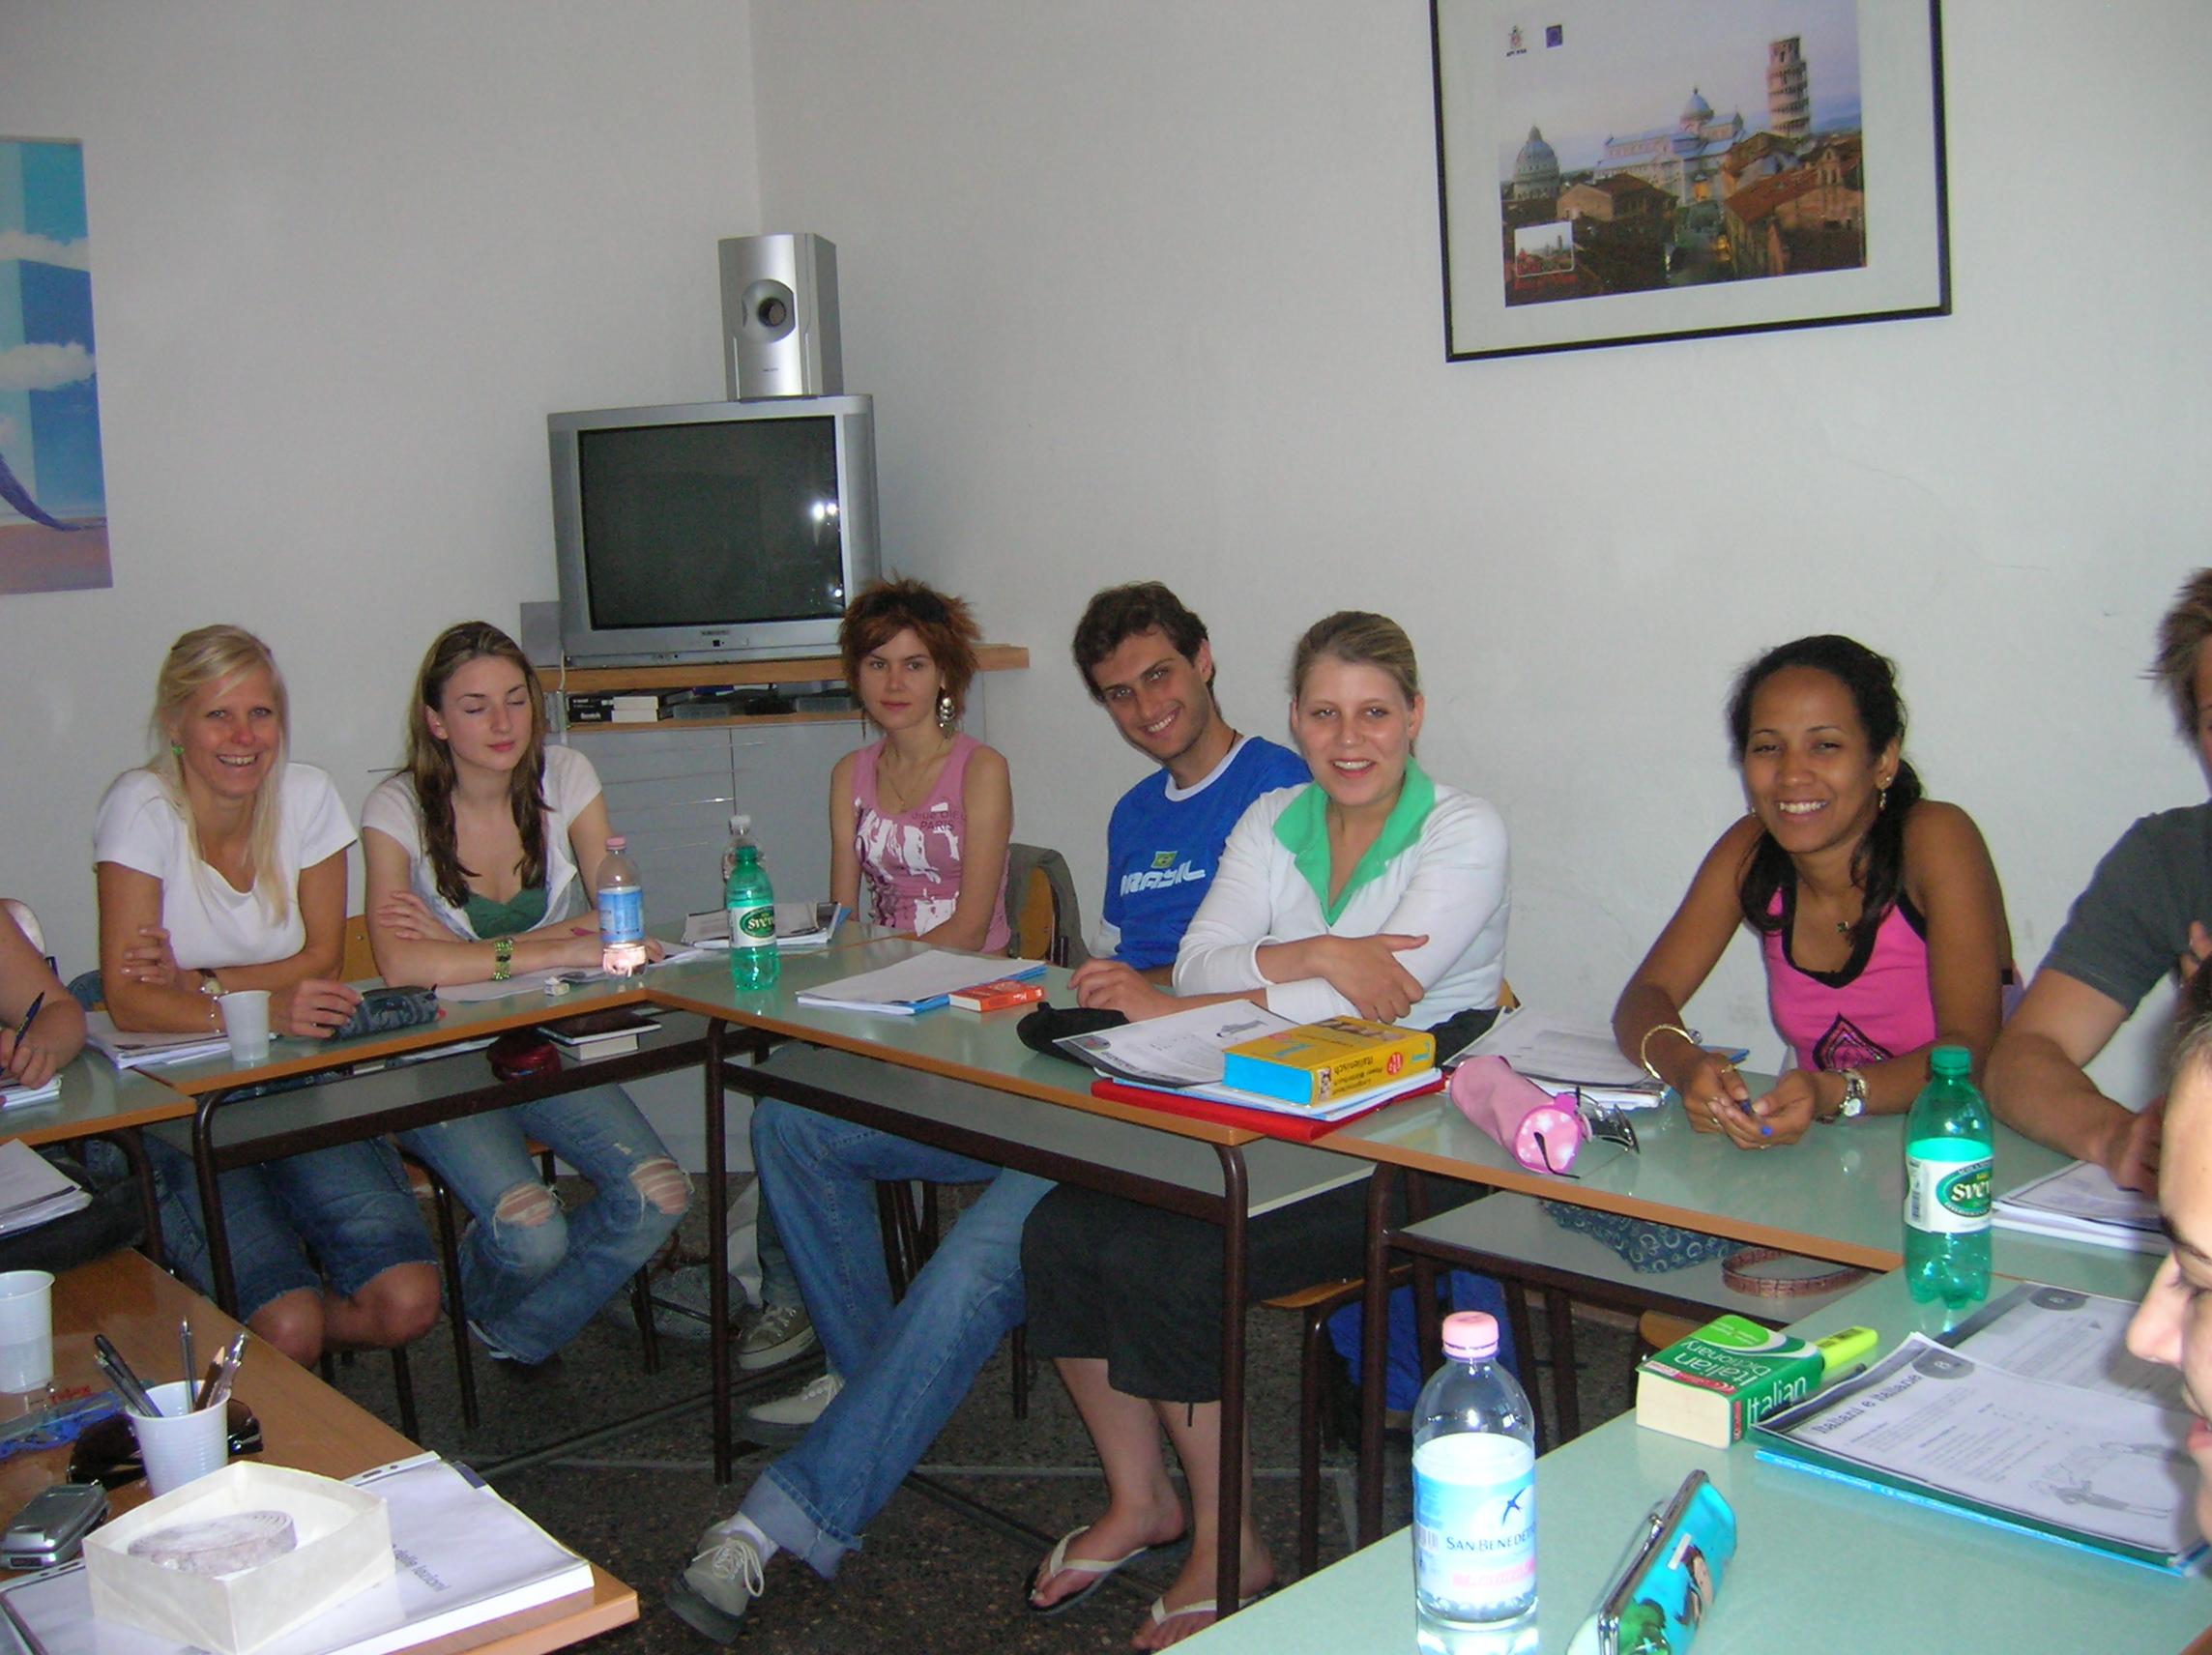 Итальянский язык является четвертым, наиболее изучаемым языком в мире: « Наши курсы привлекают студентов со всего мира»